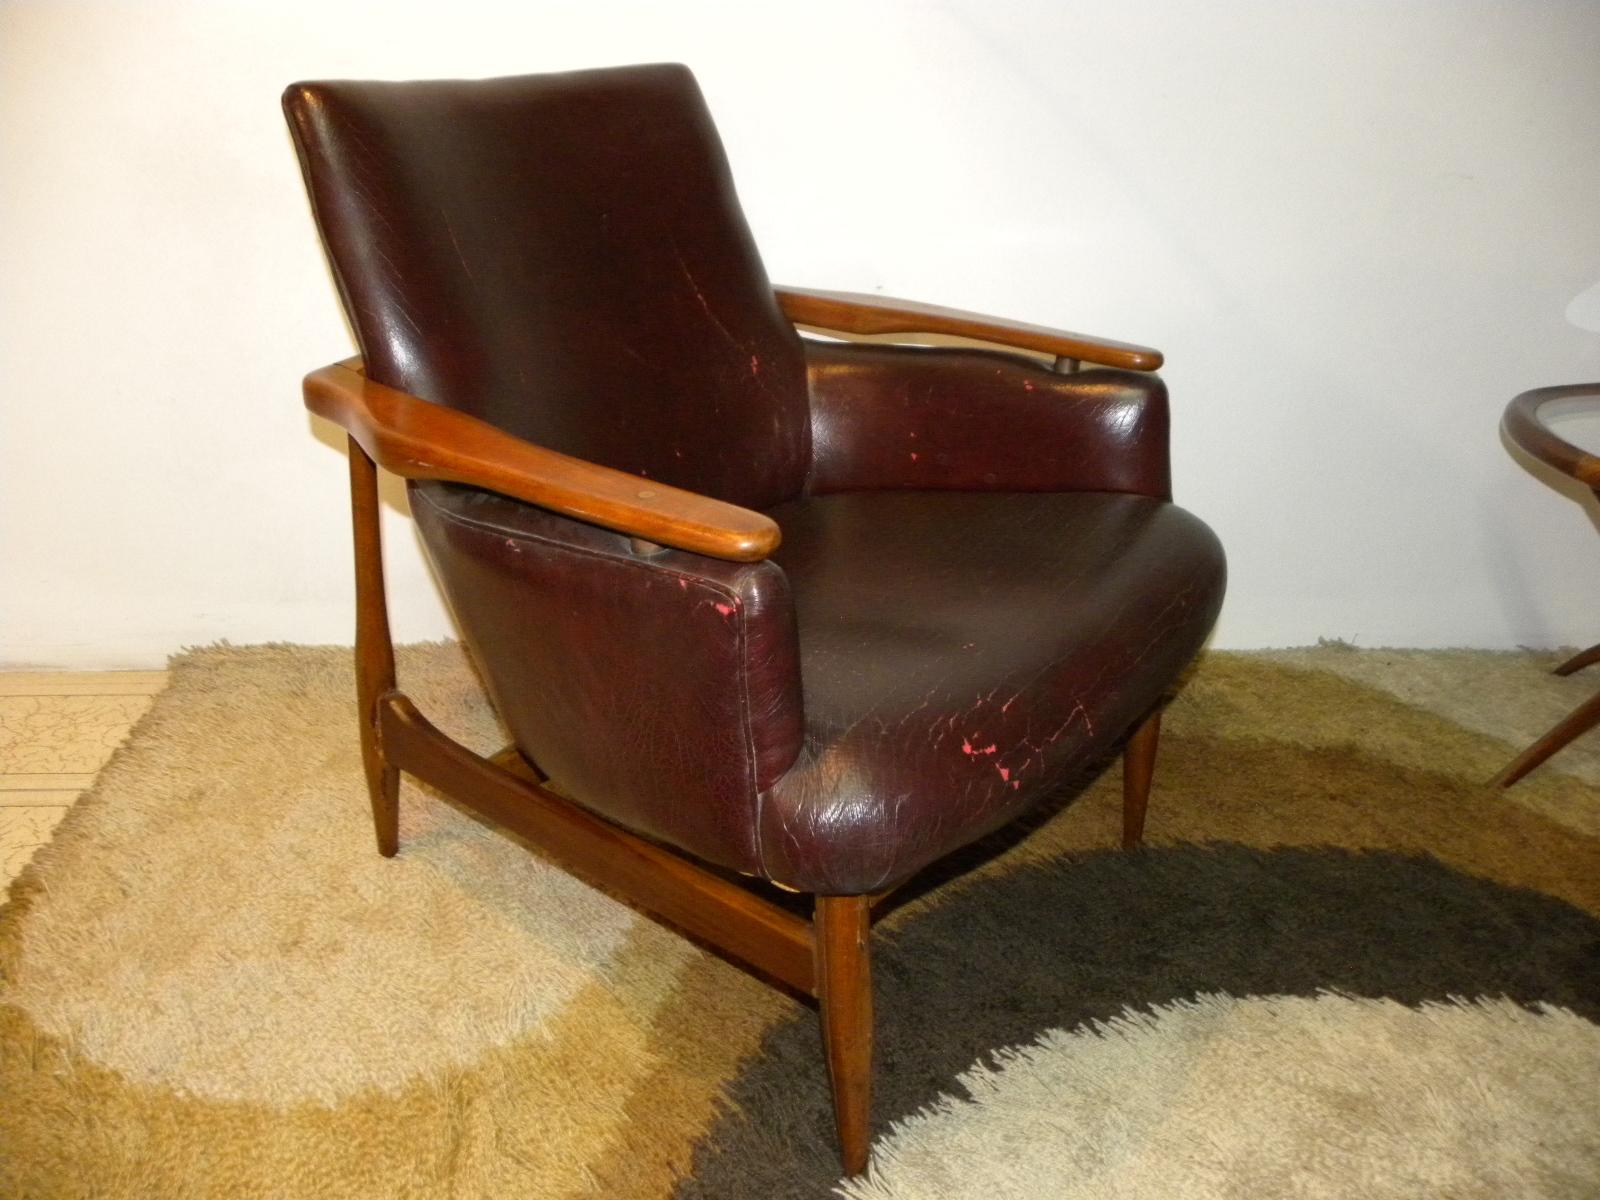 Deco retro vintage par de sillones escandinavos tipo for Tipos de sillones